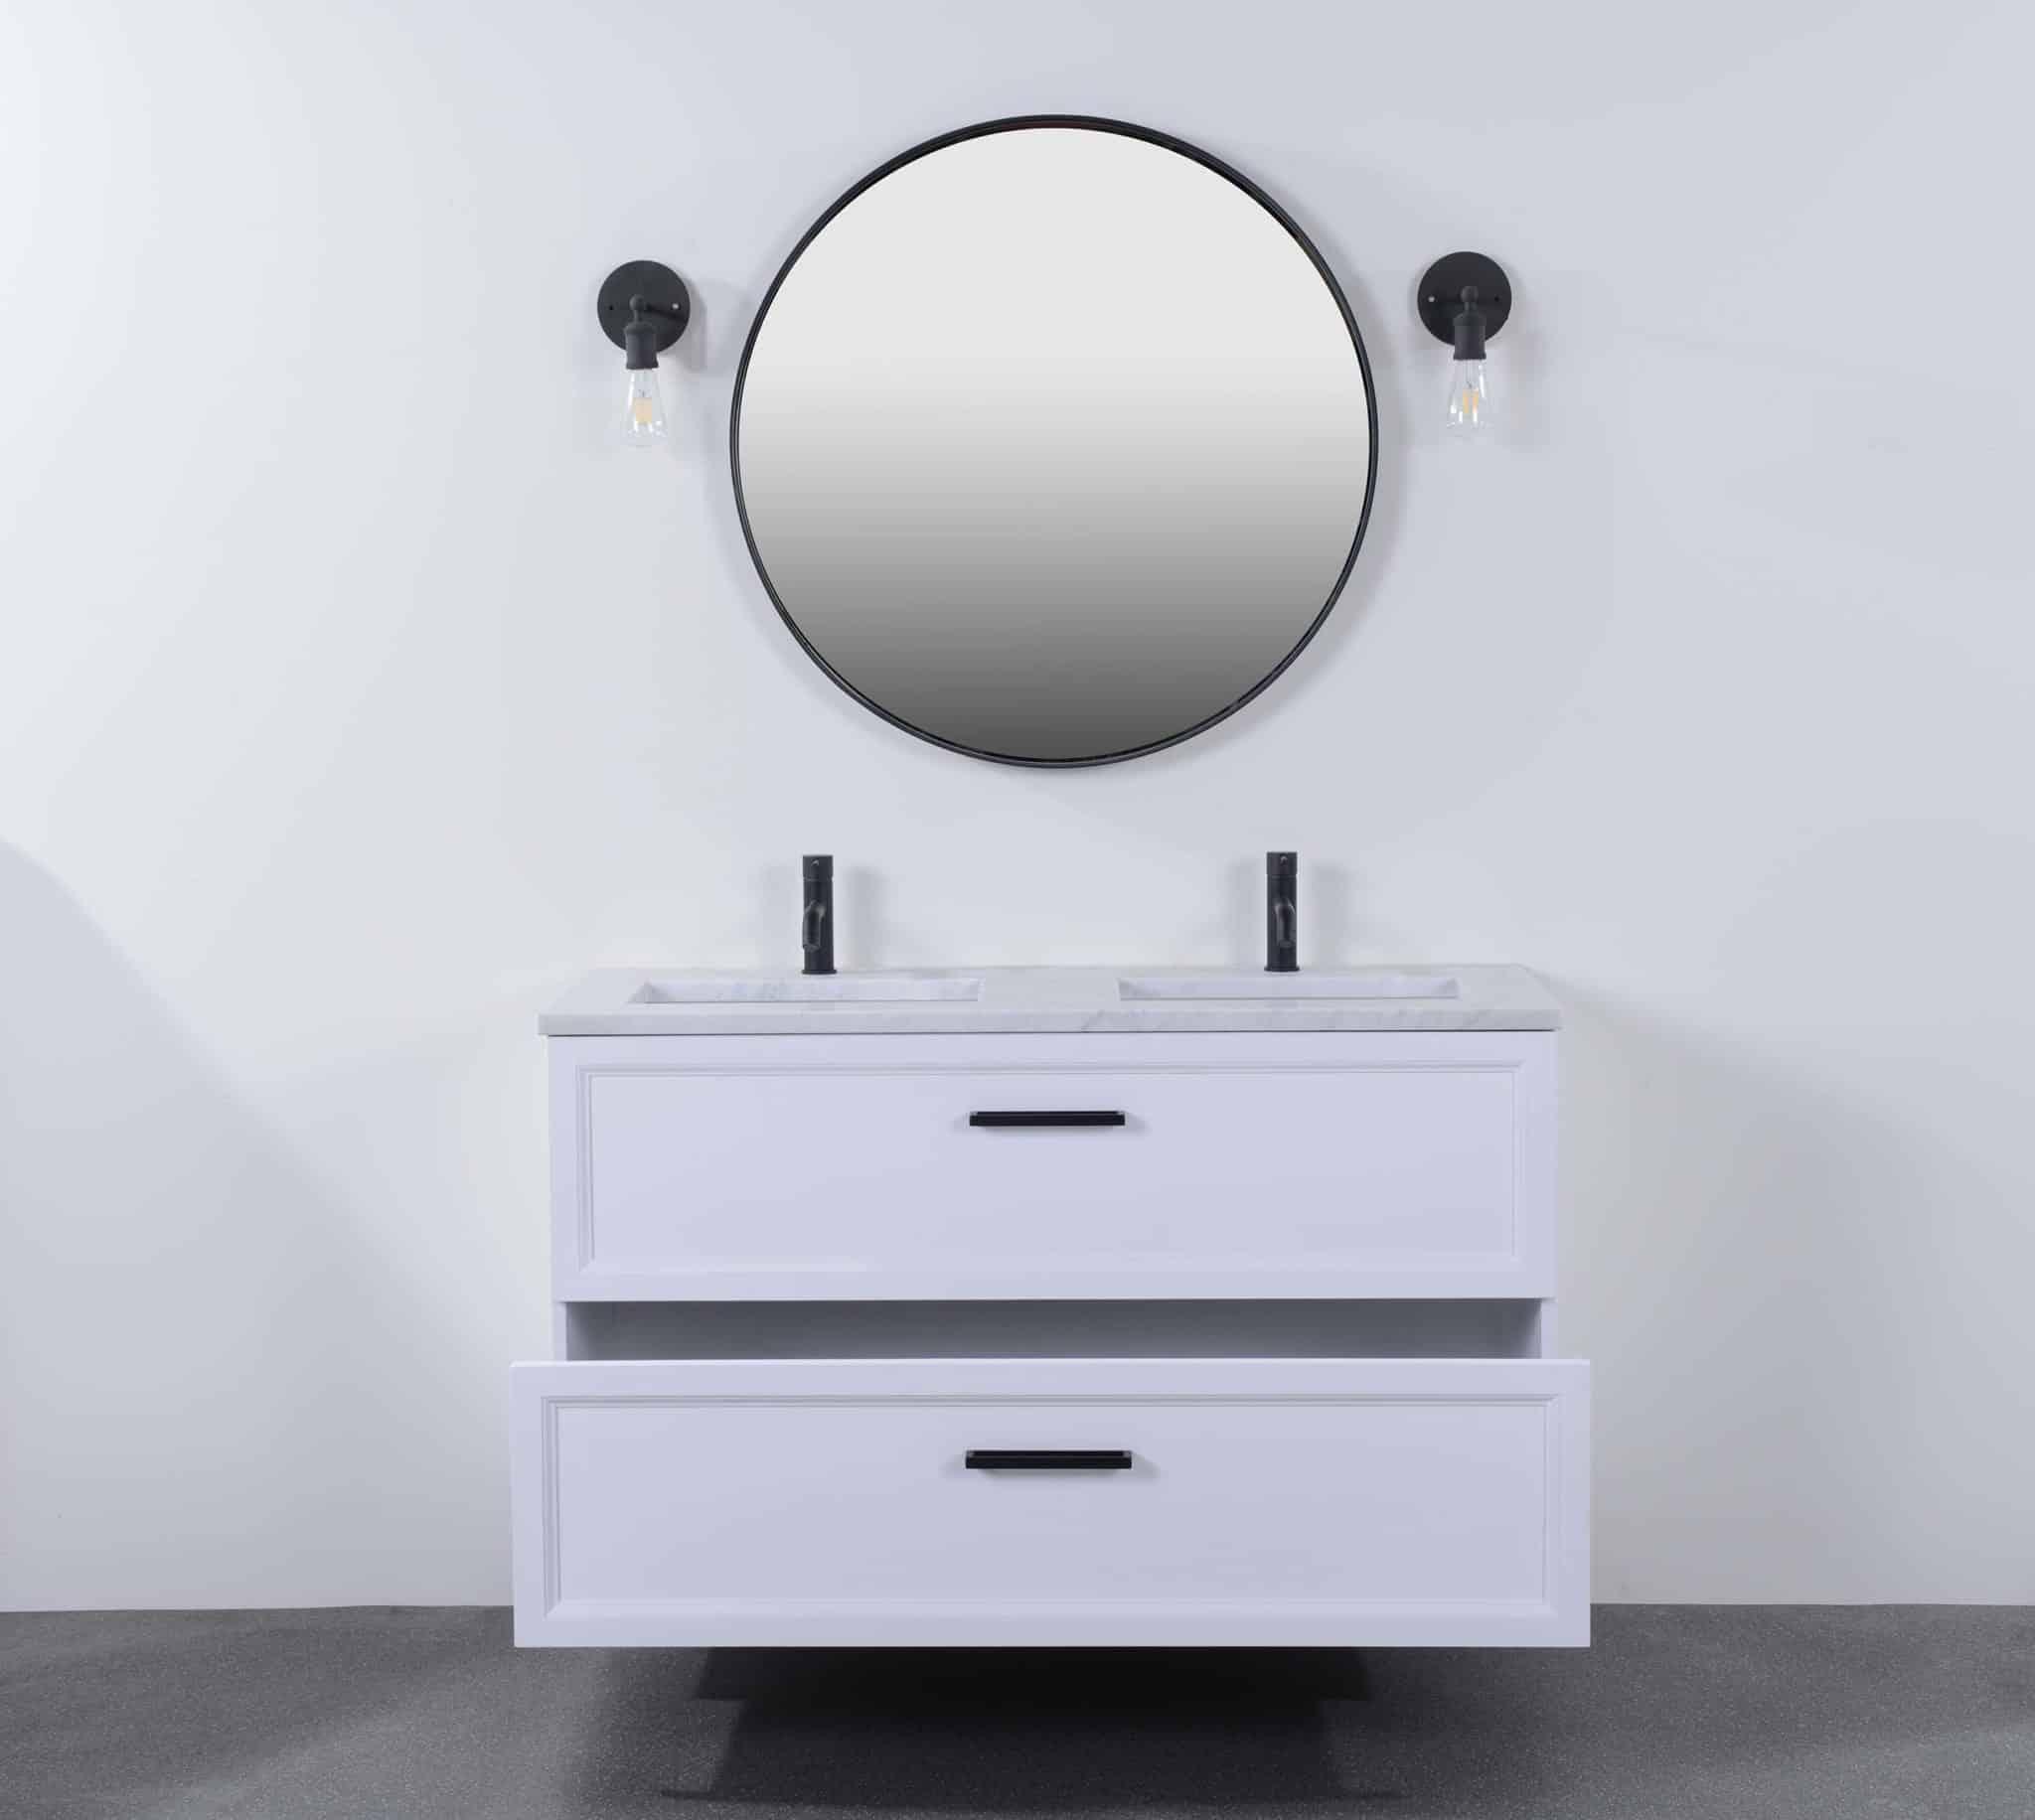 een wit gespoten badmeubel met zwarte kranen en een ronde spiegel